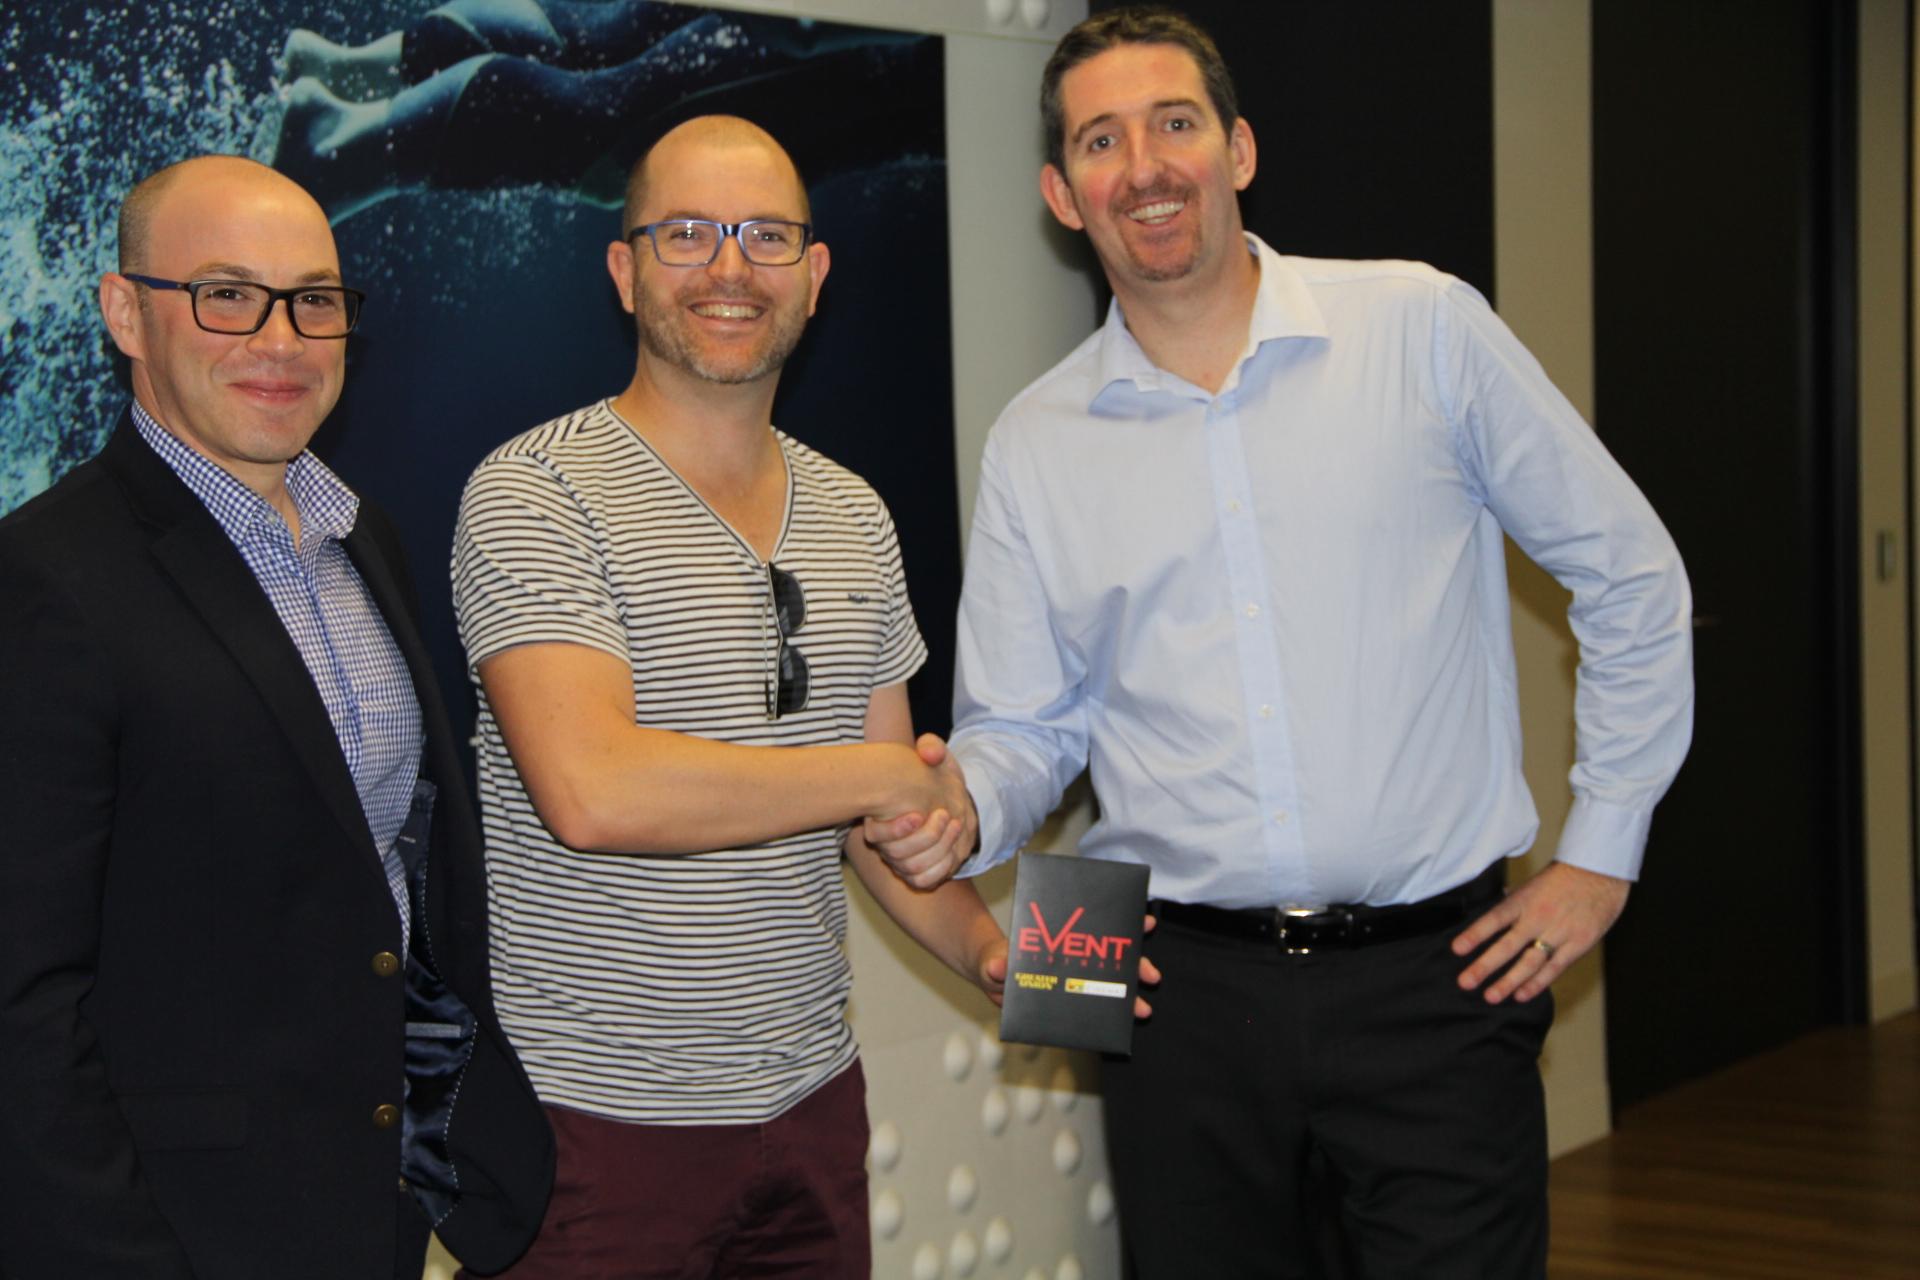 Paul Cullen winner of giveaway